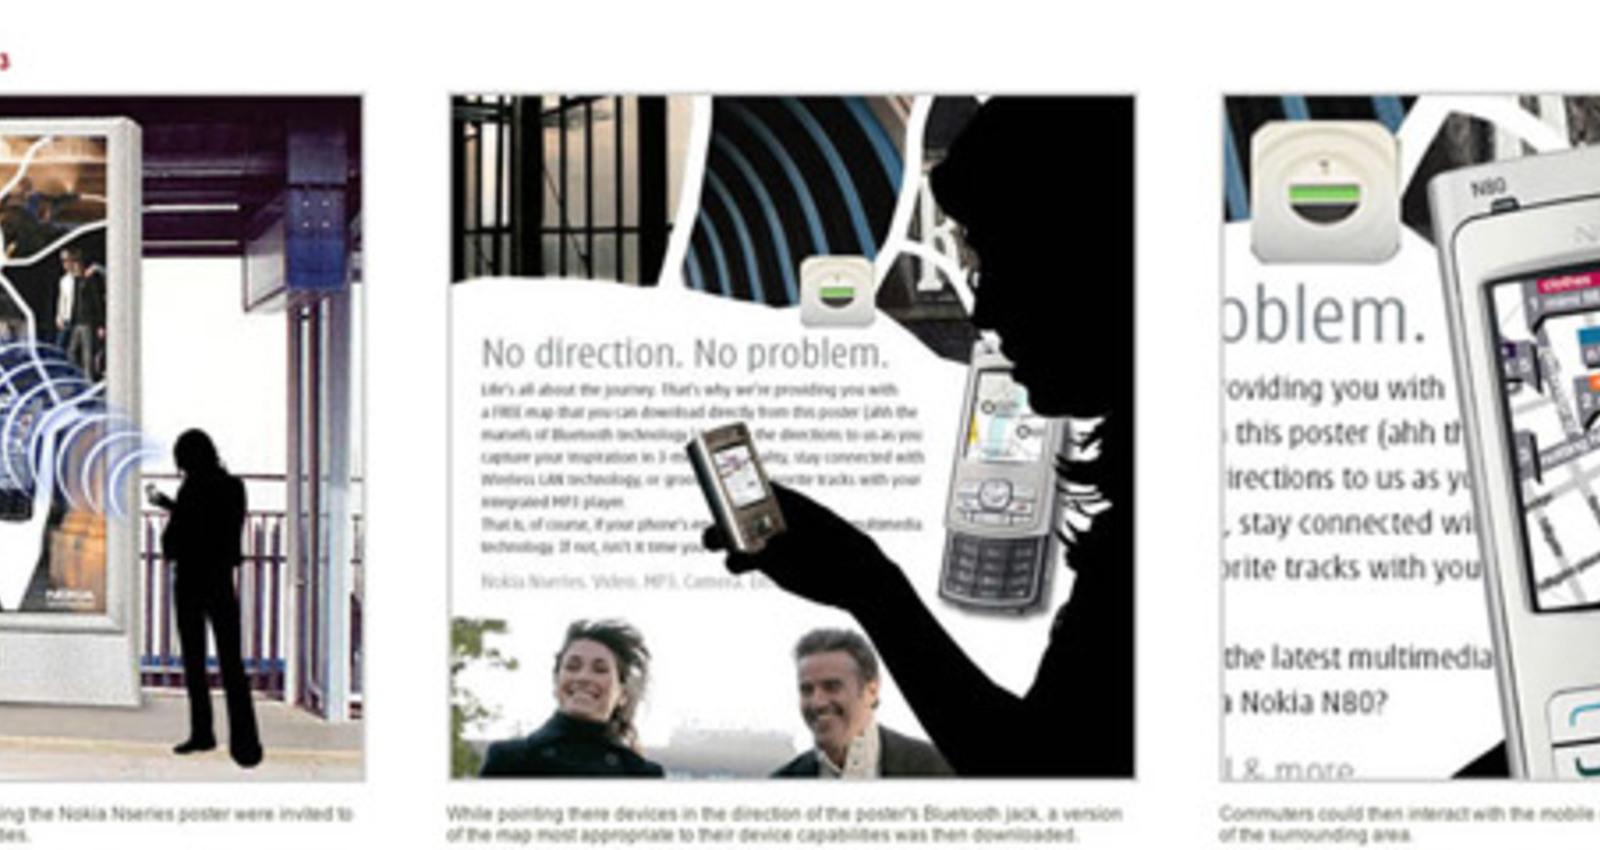 Nokia Bluecasting